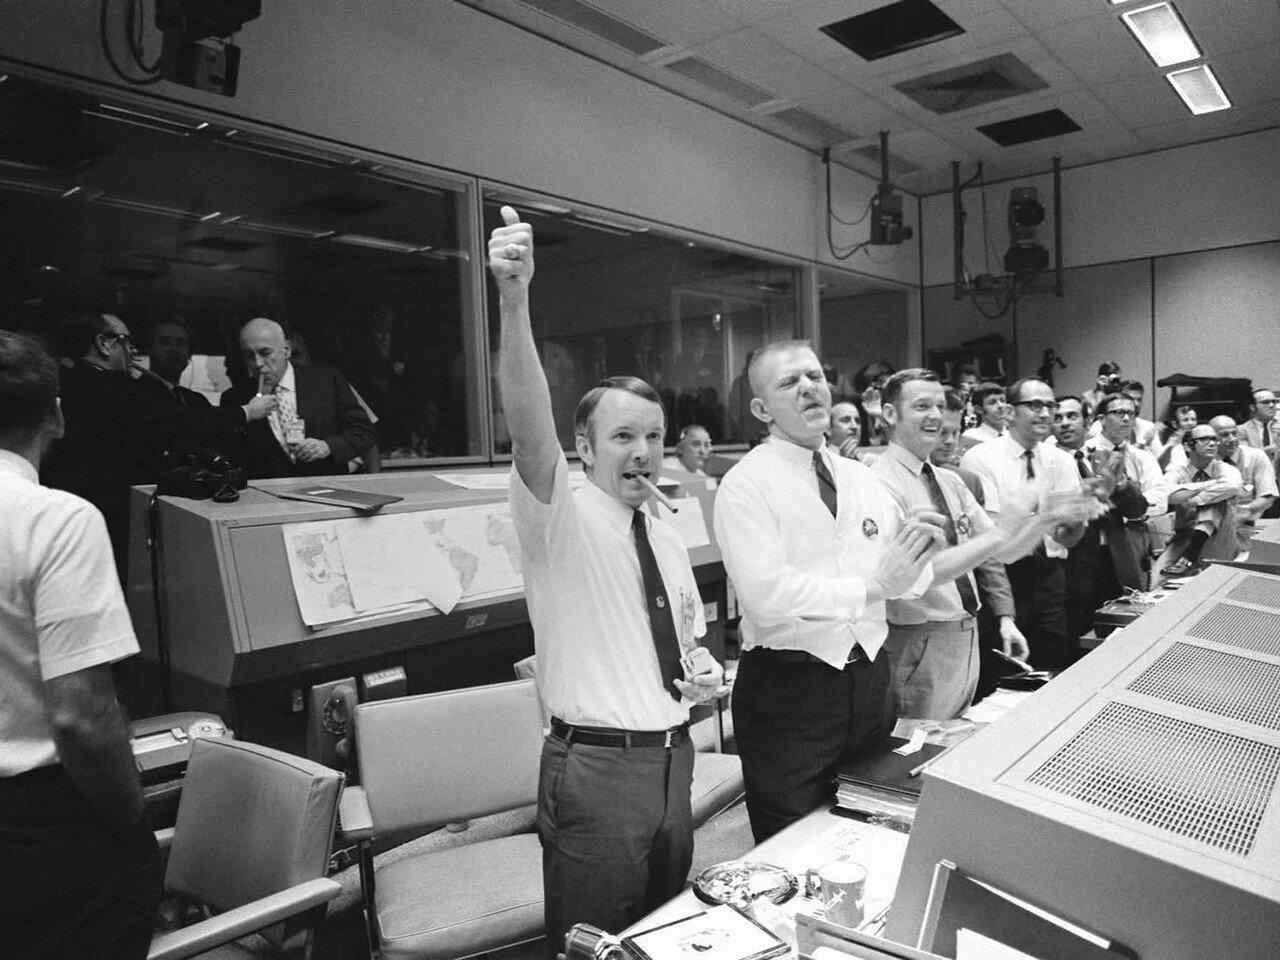 Астронавты и наземные службы Хьюстона за проявленное мужество и исключительно высокопрофессиональную работу были награждены высшей гражданской наградой США — «Медалью свободы».На снимке: Трое из четырех полетных диспетчеров в Хьюстоне